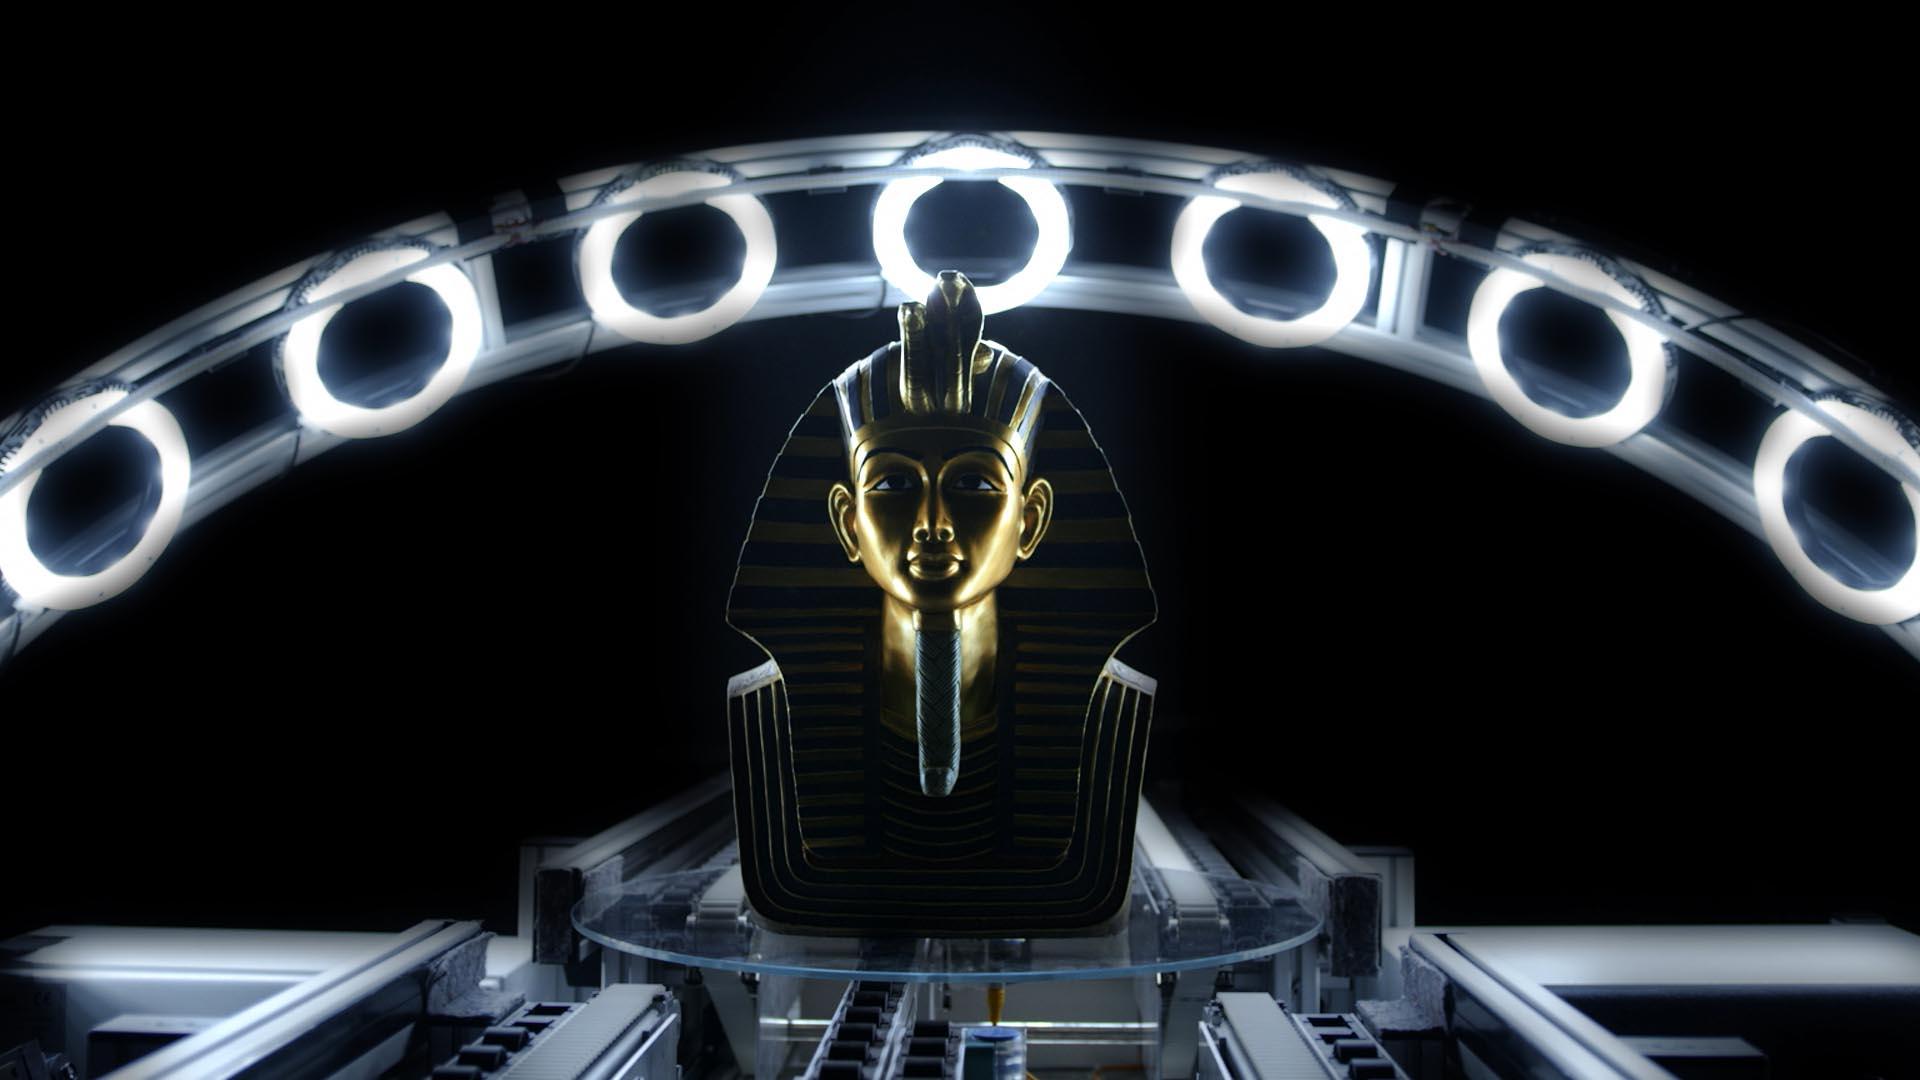 Ausschnitt aus dem Fraunhofer Recruitingspot, Pharaonenmaske in moderner Forschungsumgebung